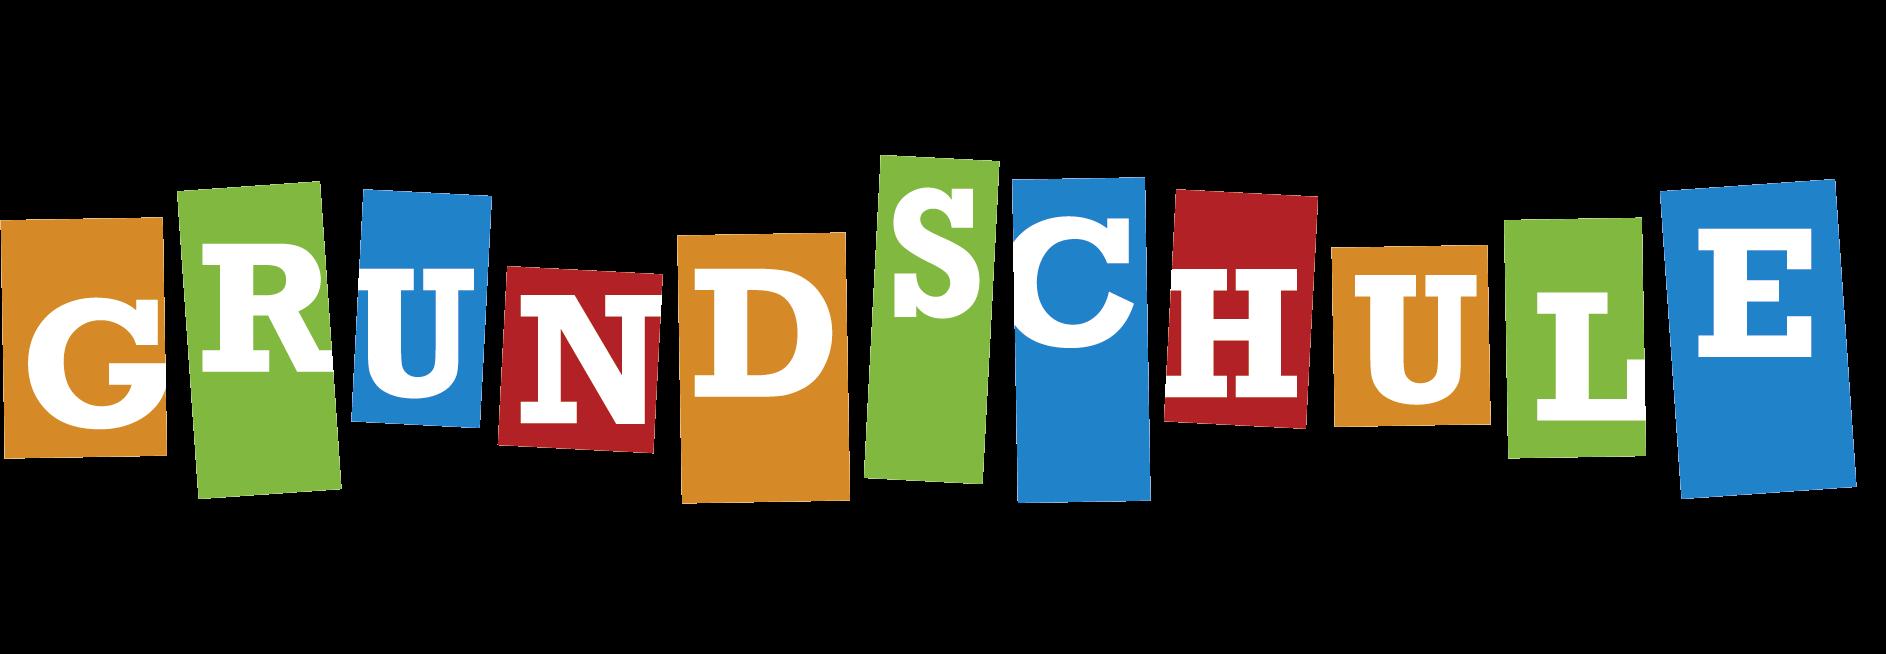 Wordpress Grundschule Fischerbach